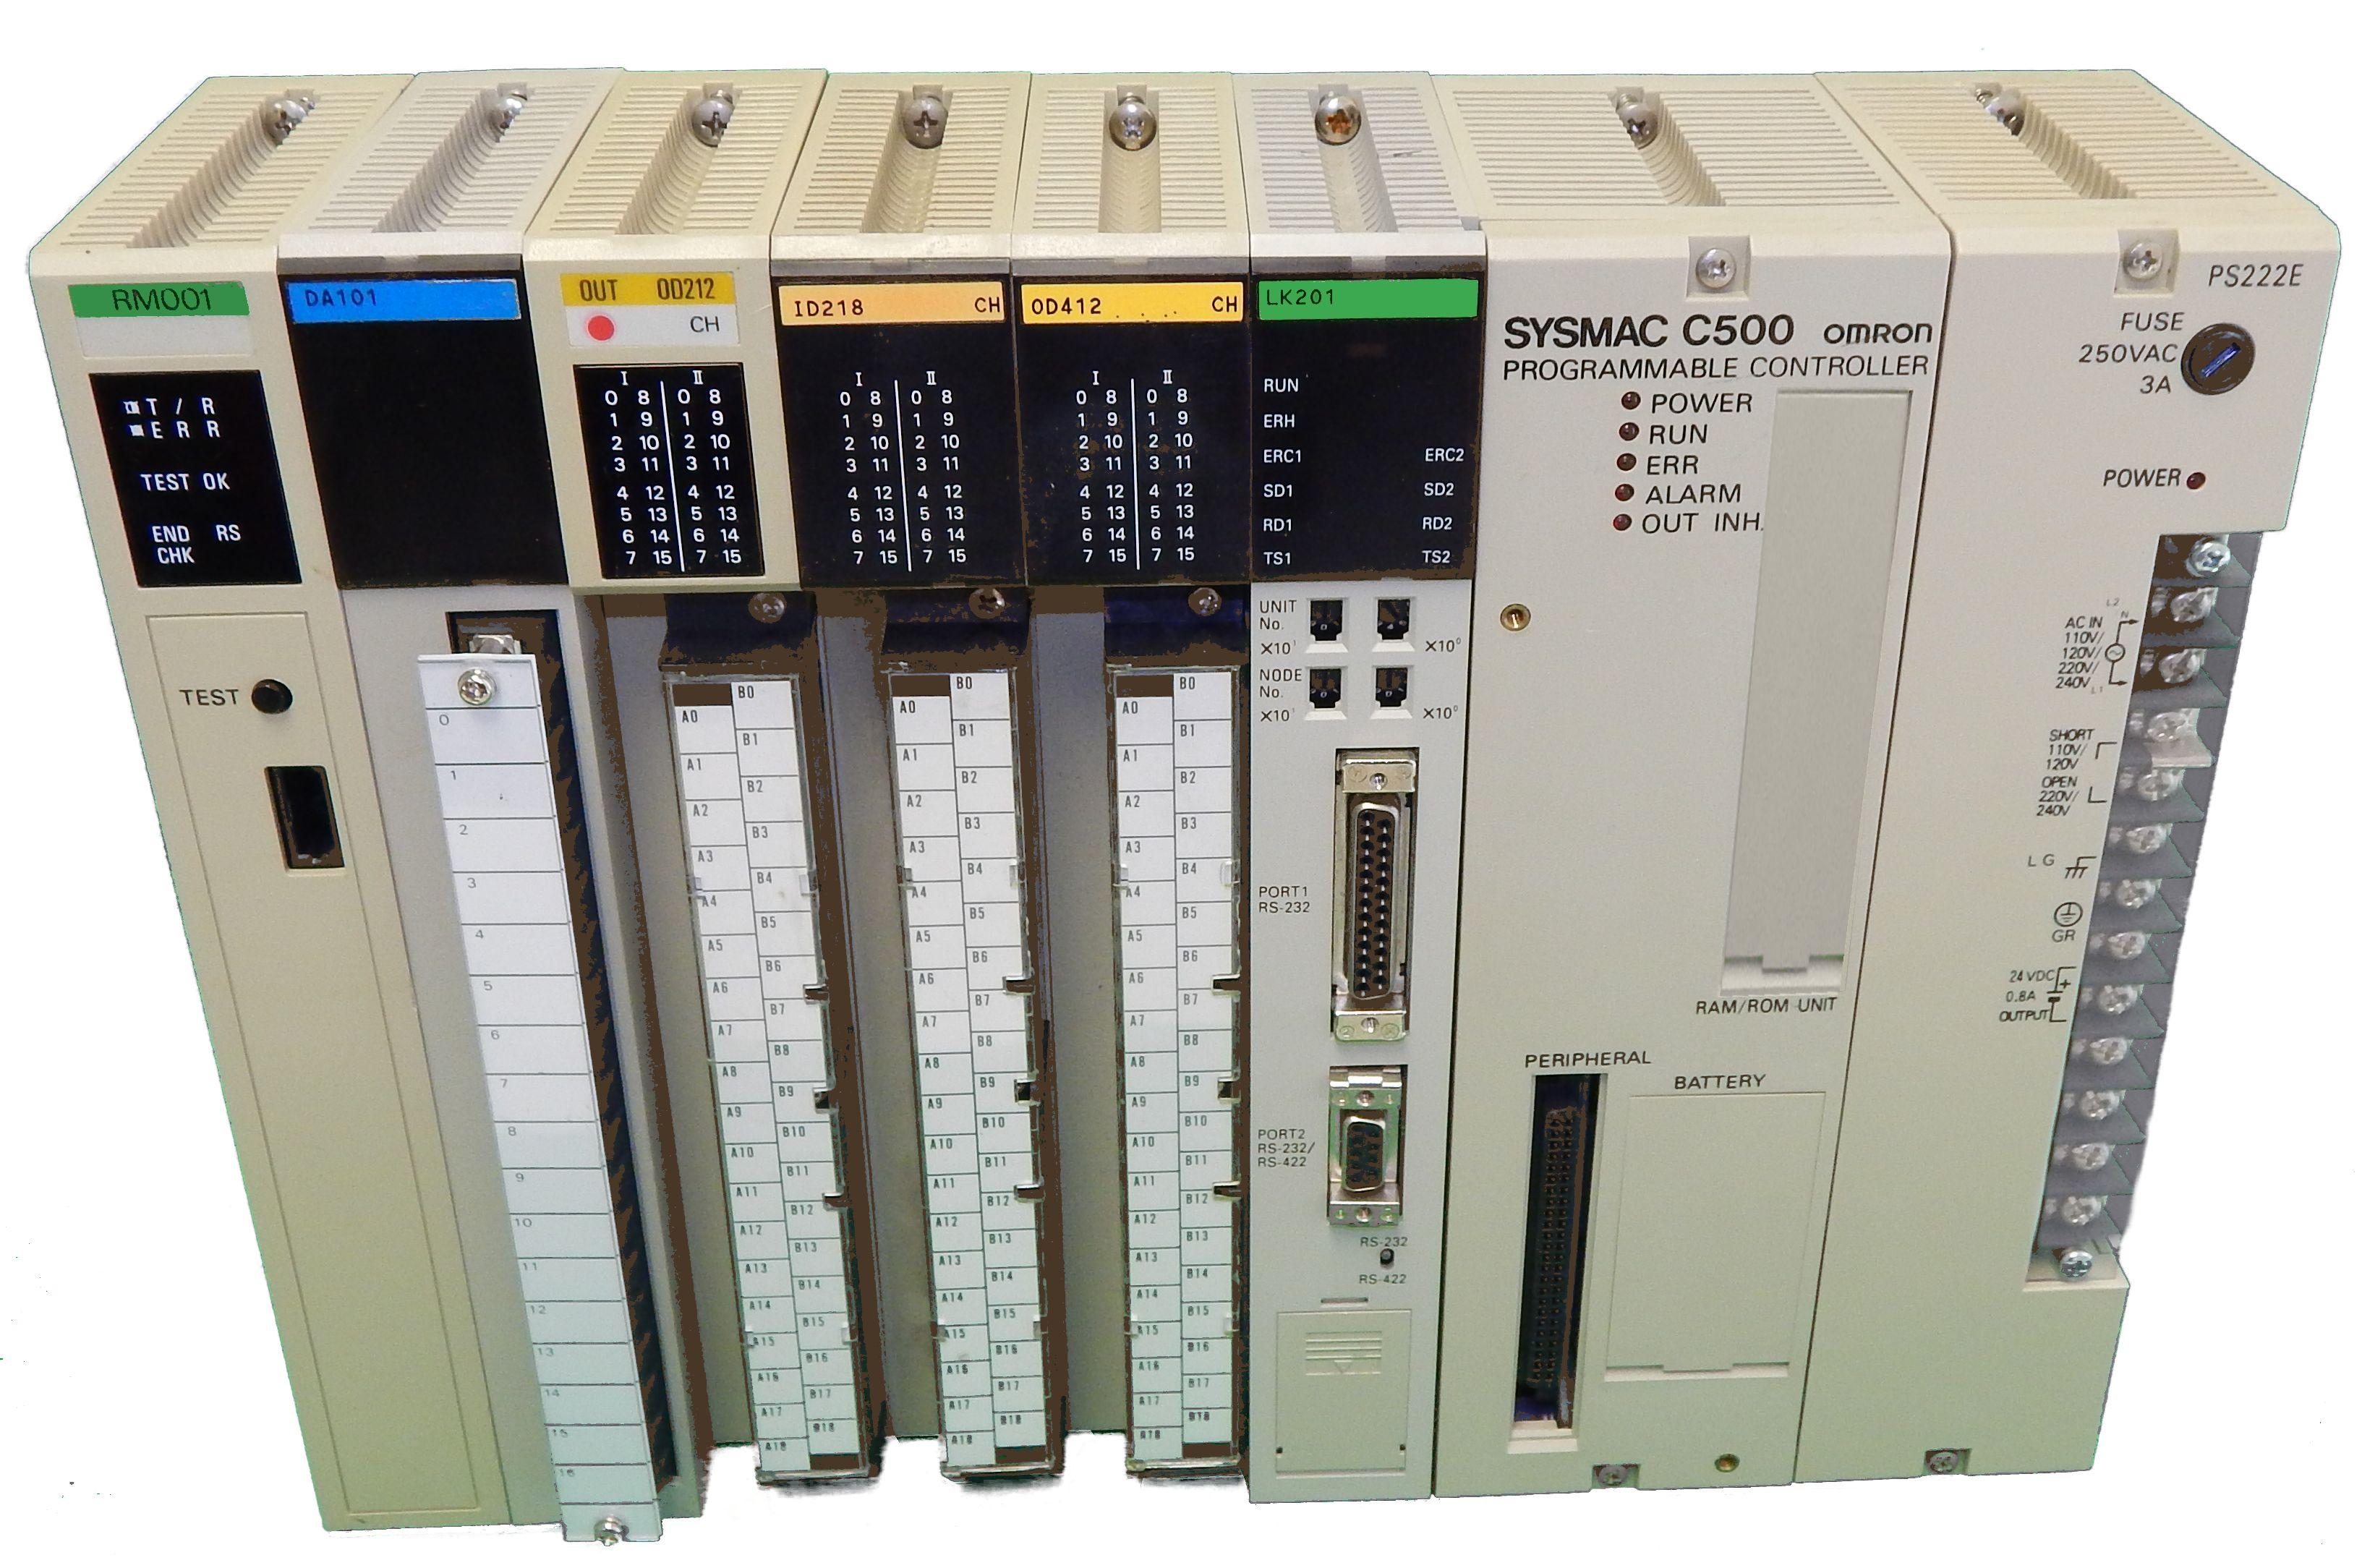 3G2A5-LK010-PE